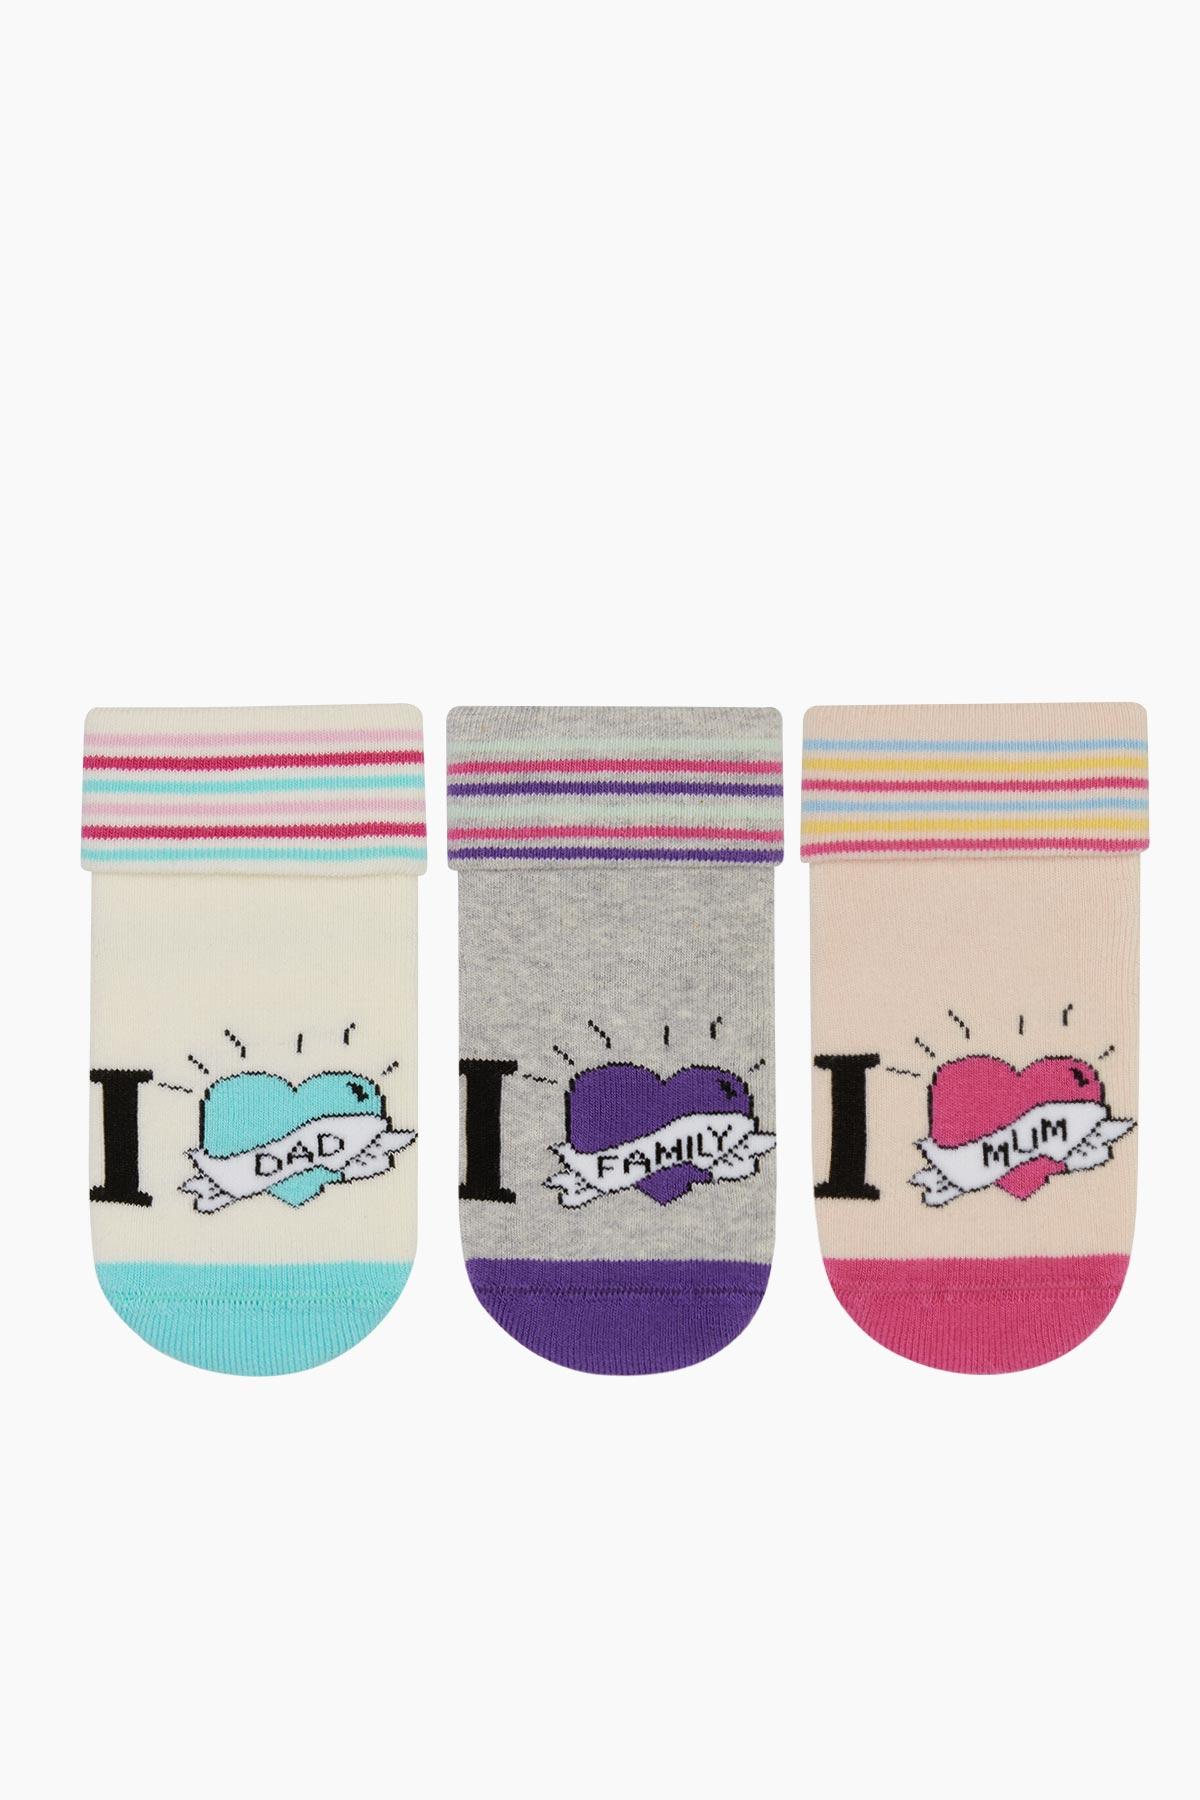 Bross - Bross 3 Stück I Family Circle Handtuch Baby Socken